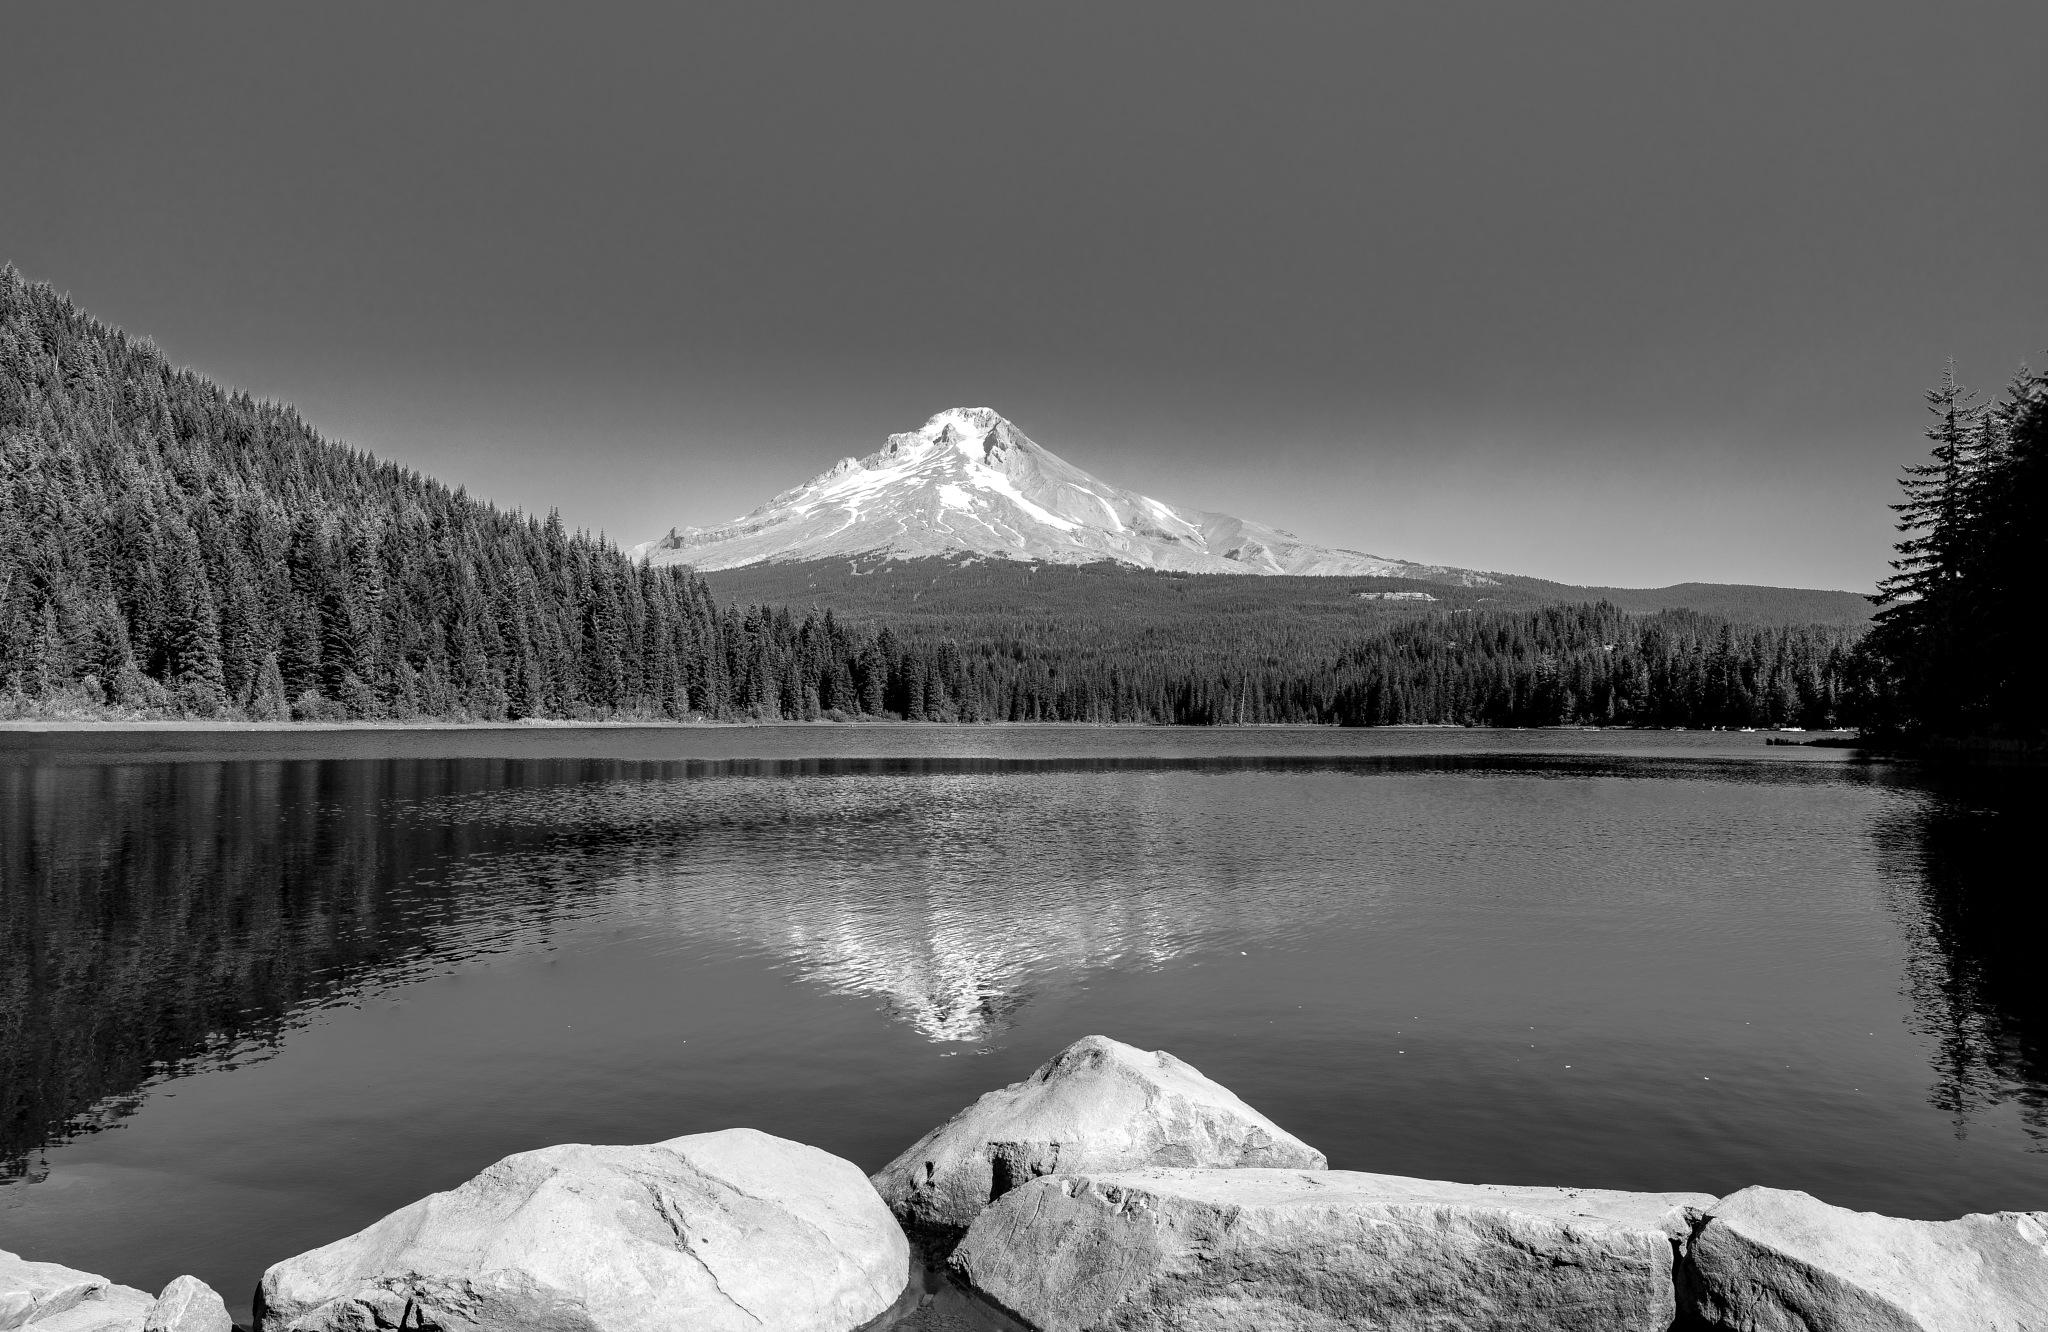 Trillium Lake by John Weigel